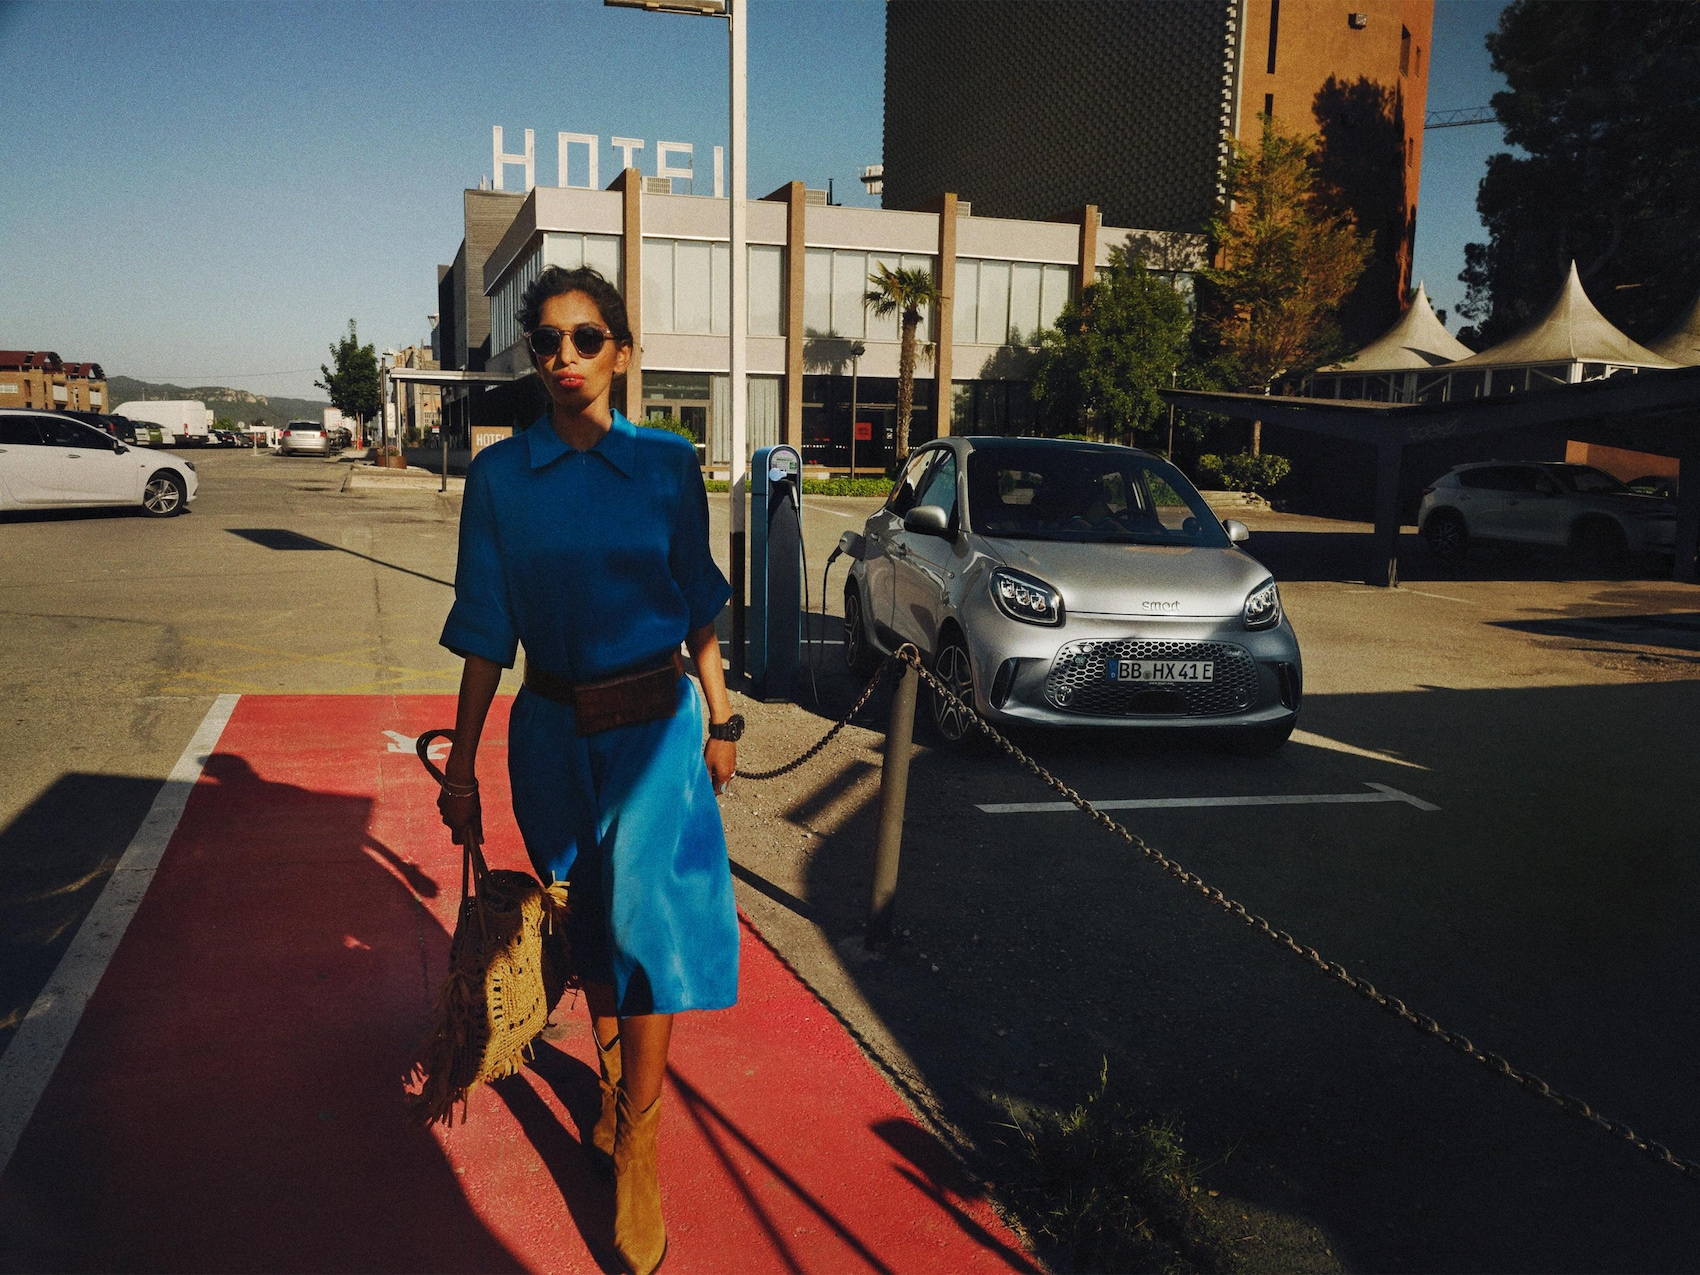 Ein Mann läuft von einem geparkten smart EQ fortwo weg.